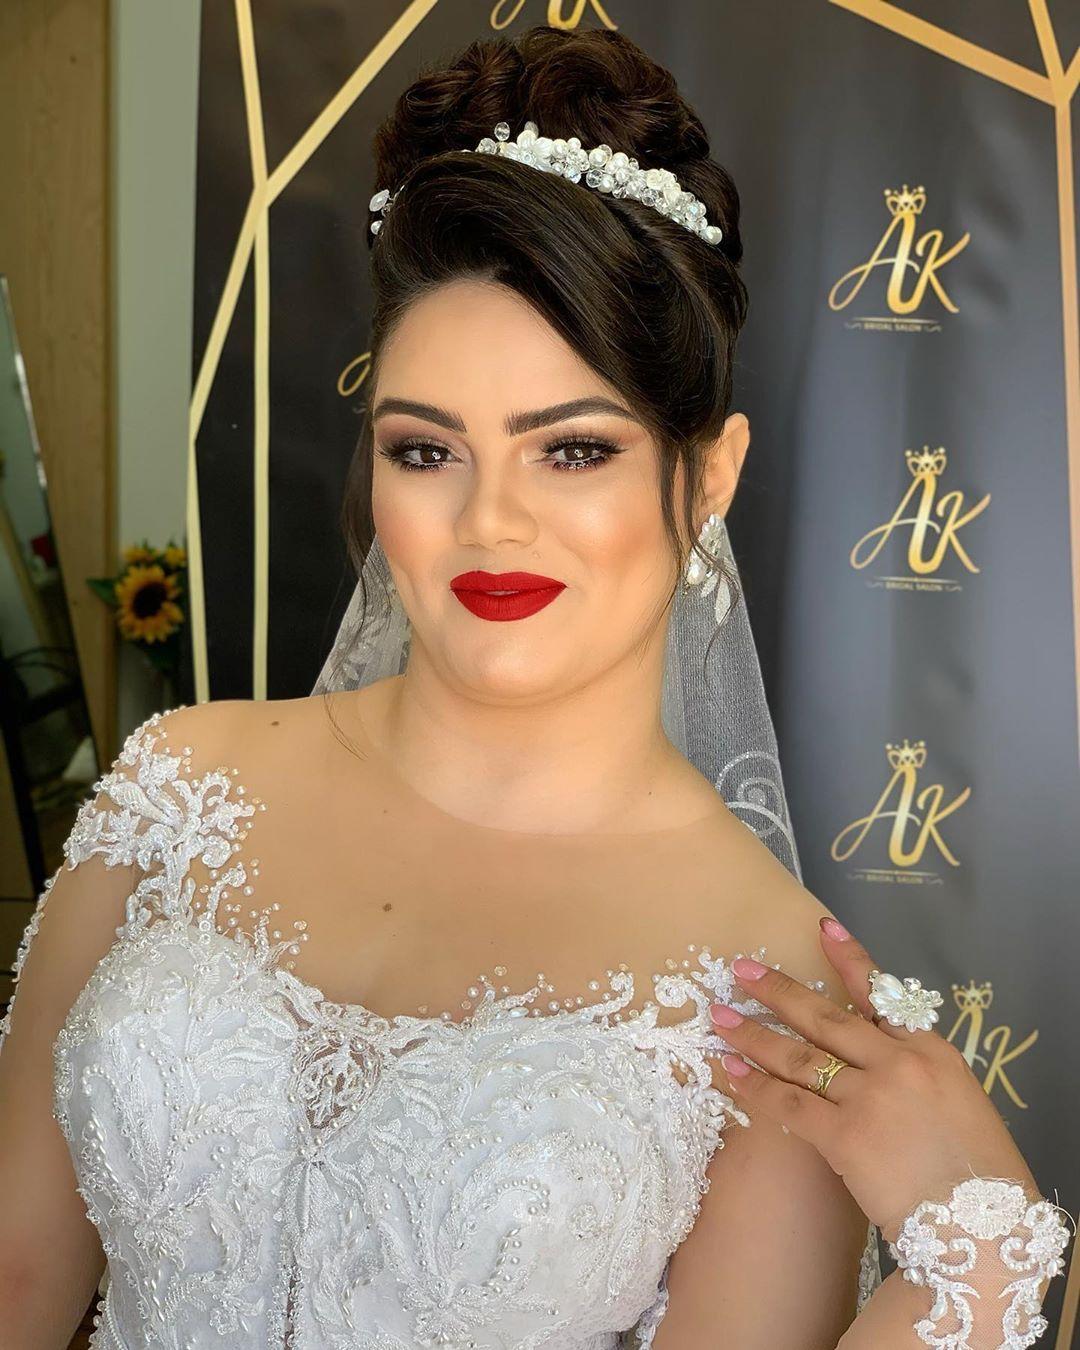 الف مبروك لعروستنا سماح من نحف Smah Saeed Alaahairstyles Makeuptutorial Makeup Makeupartist Makeupkorea Hairst In 2020 Fashion Crown Jewelry Crown